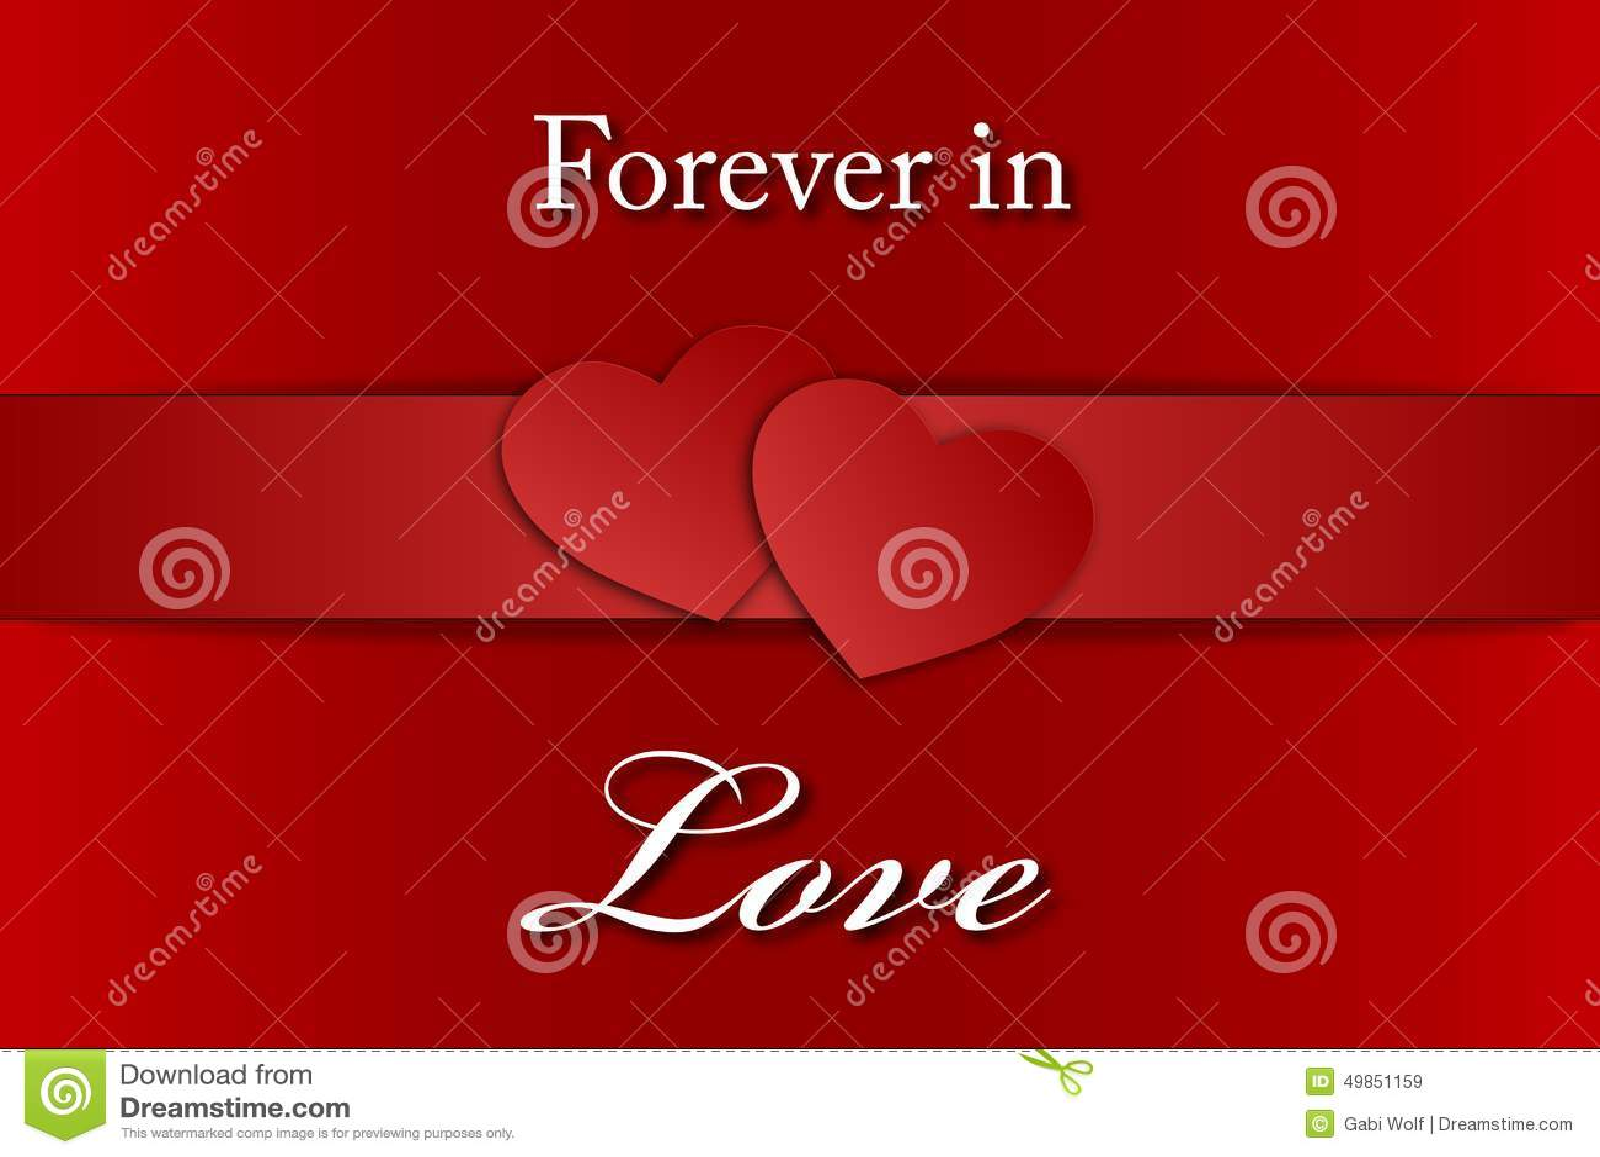 Förälskad för evigt